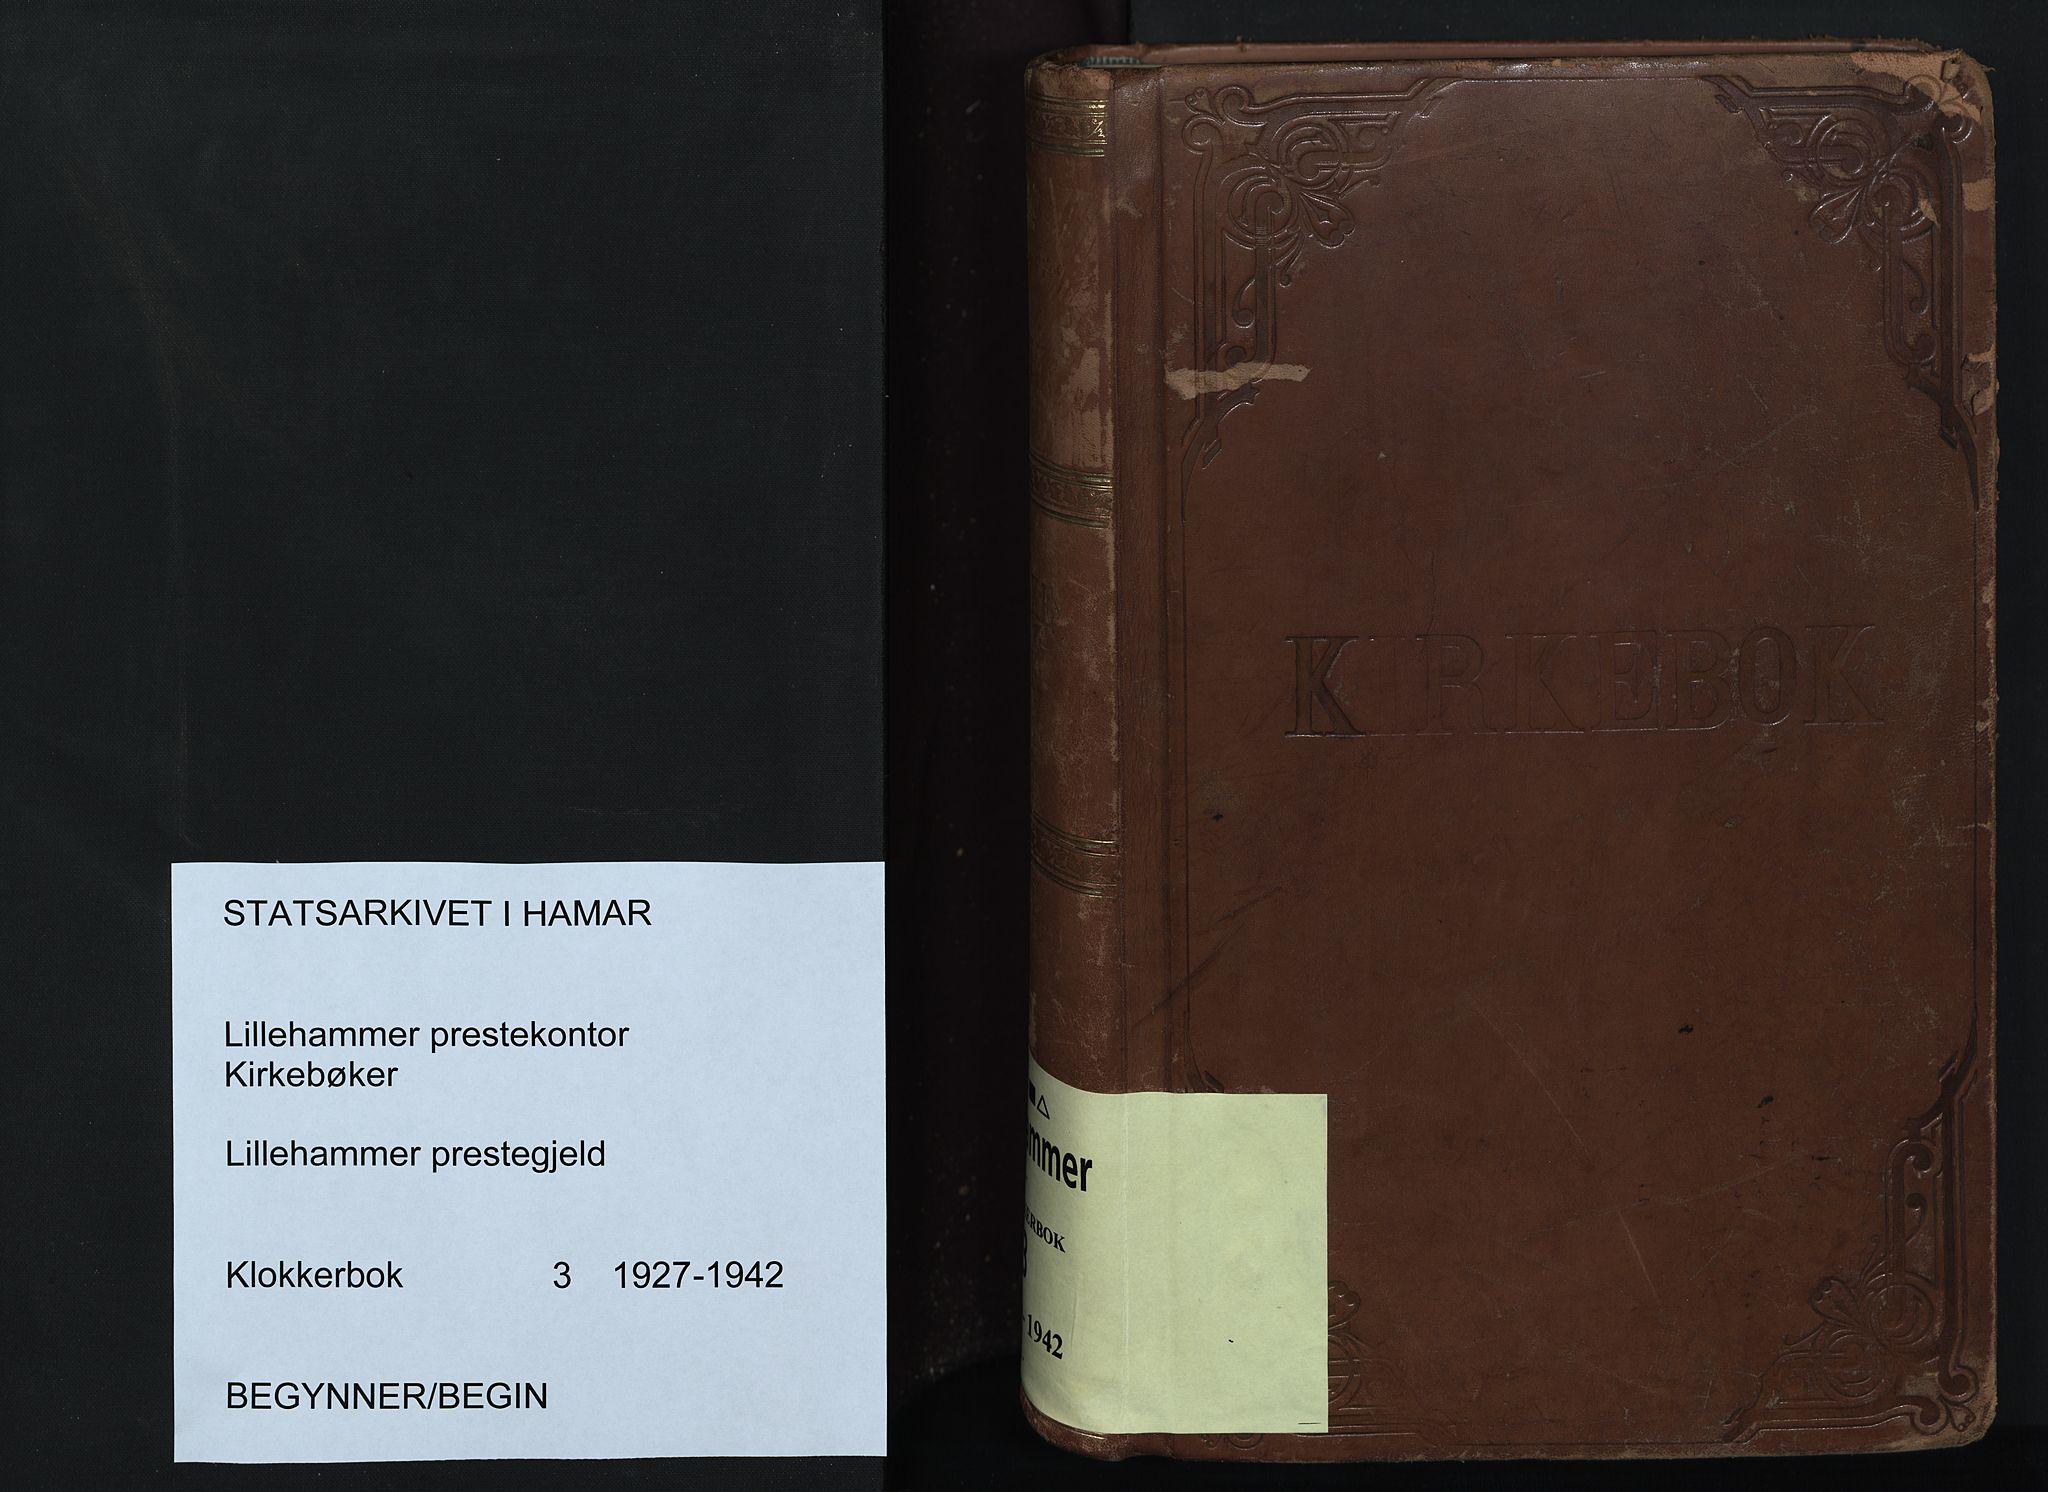 SAH, Lillehammer prestekontor, H/Ha/Hab/L0003: Parish register (copy) no. 3, 1927-1943